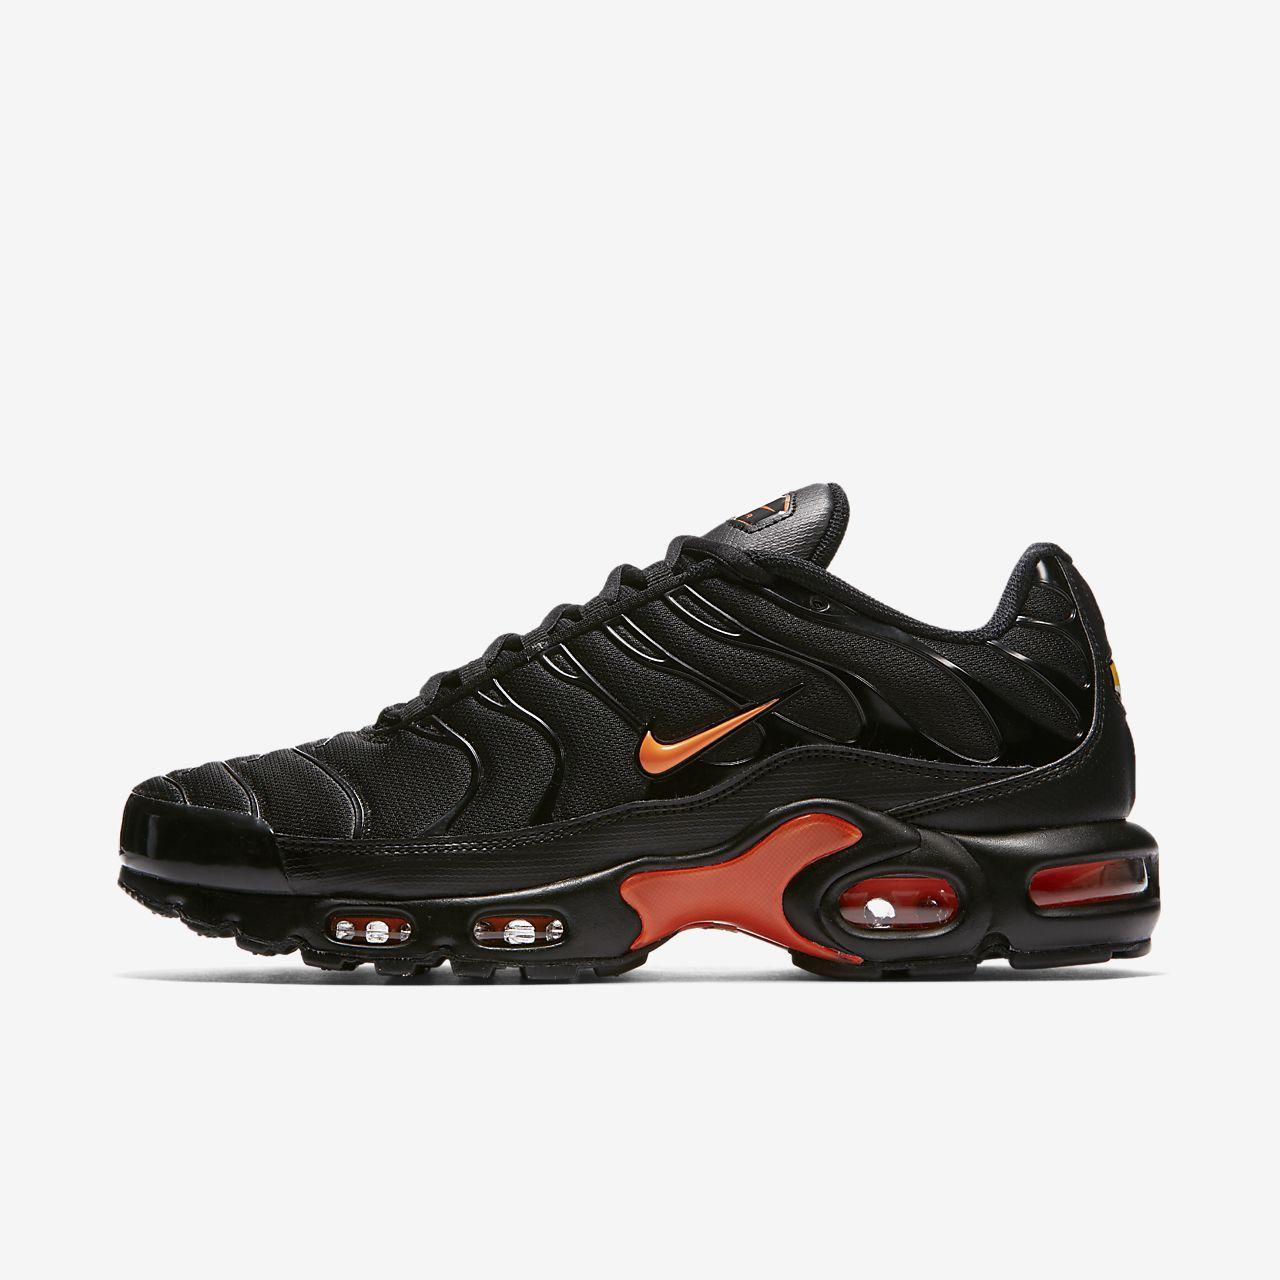 ... Nike Air Max Plus TN SE Men's Shoe